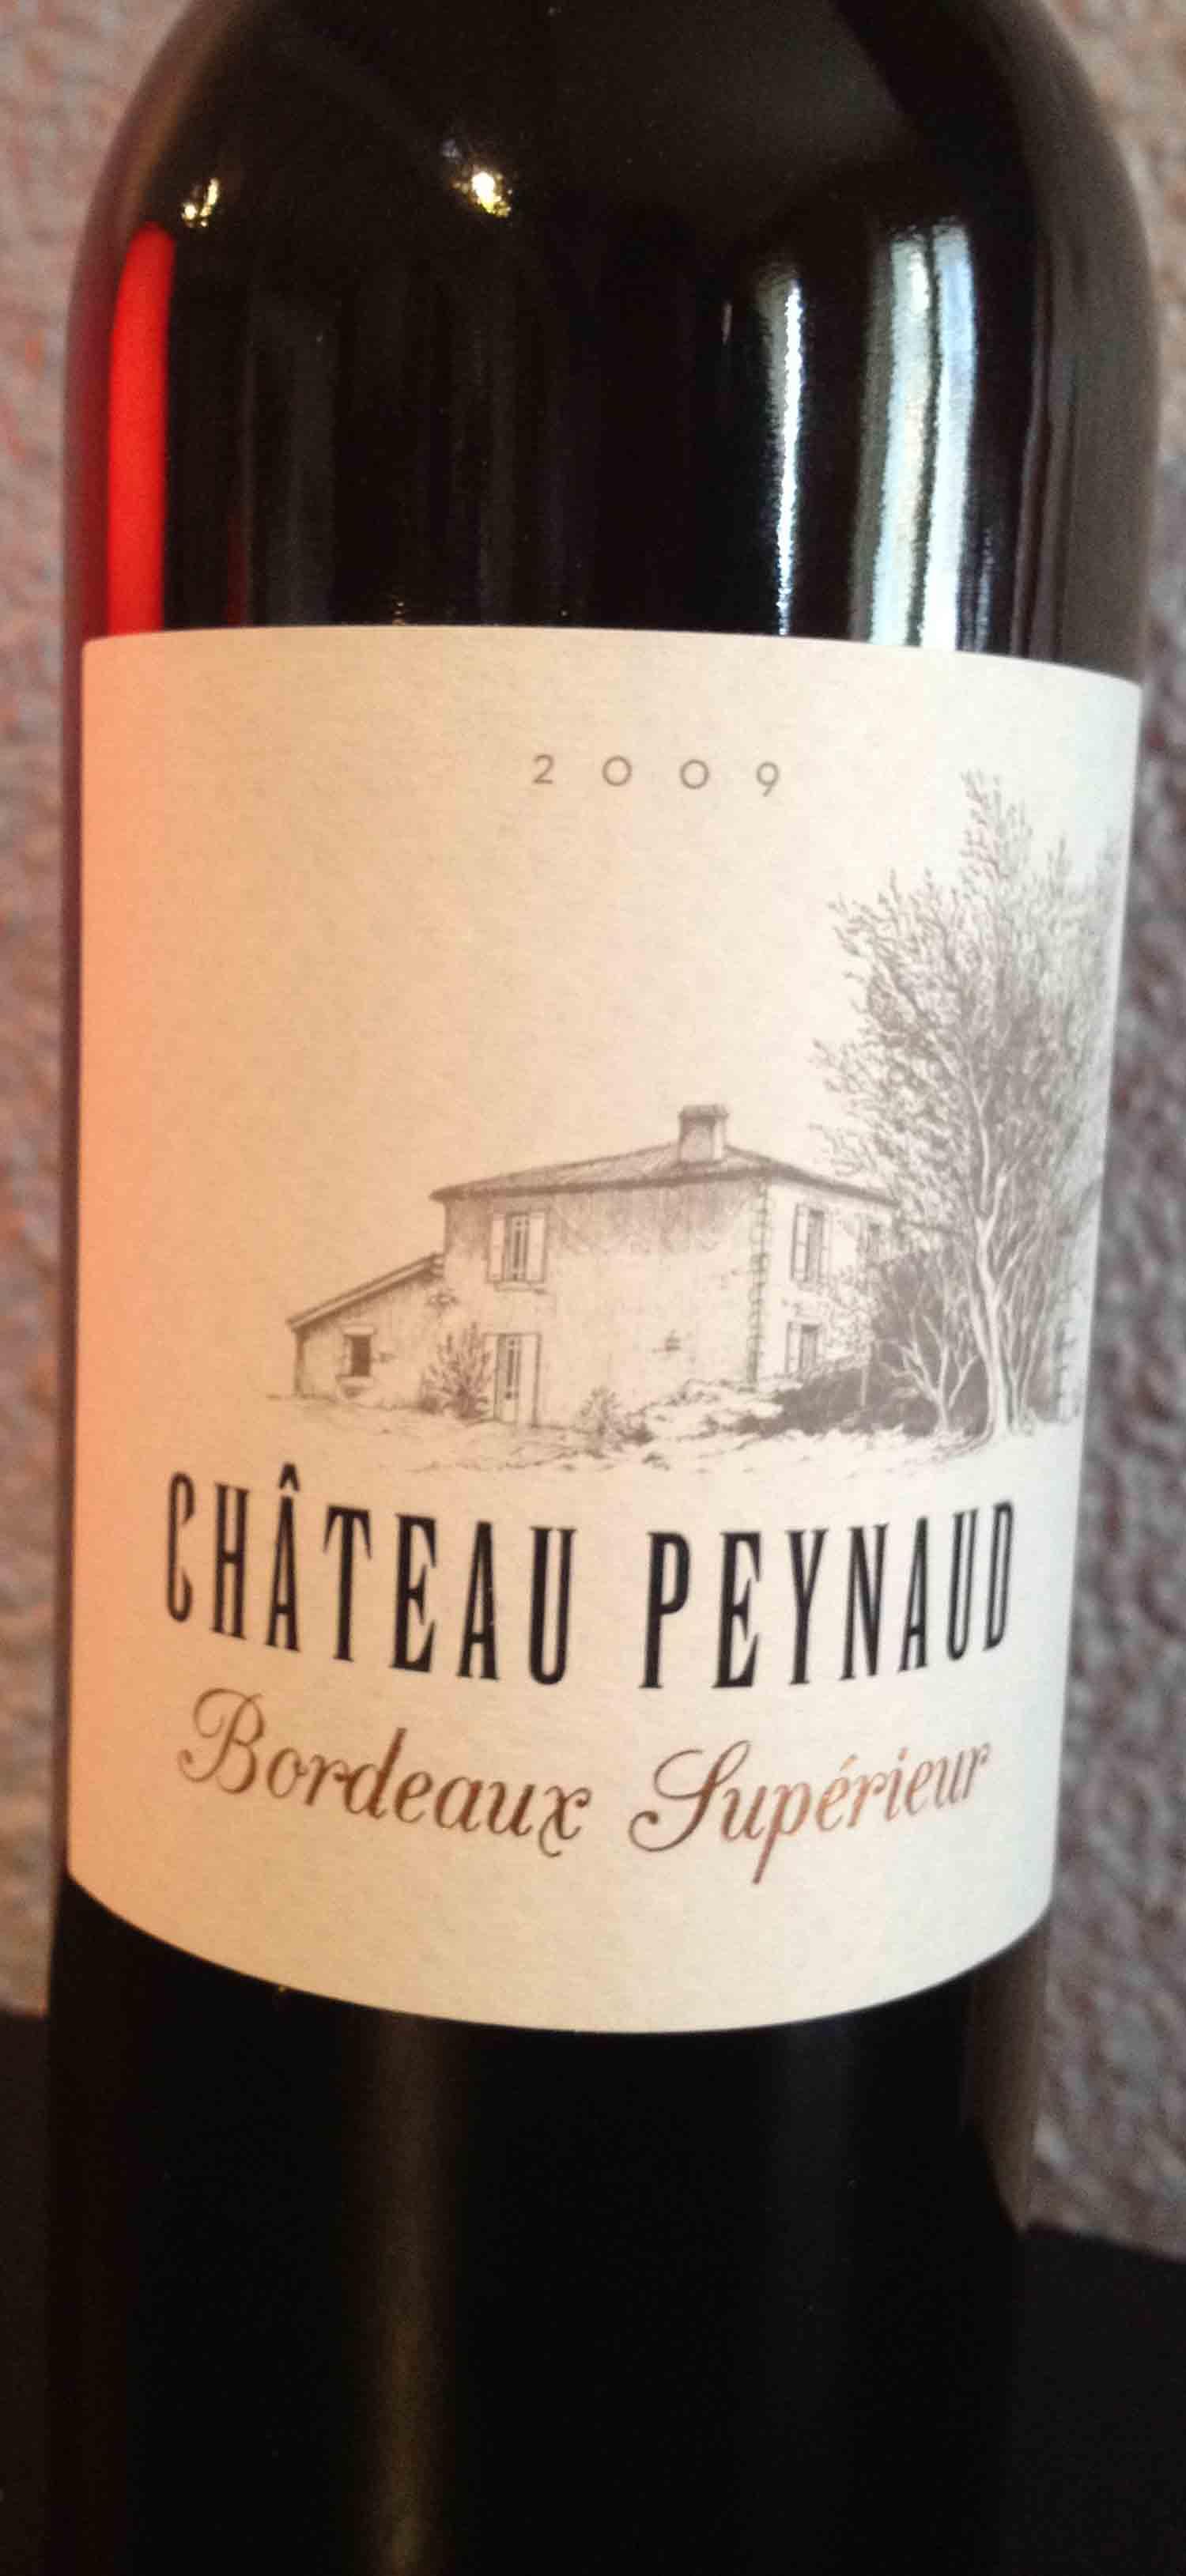 Château Peynaud 2009 – Bordeaux Supérieur